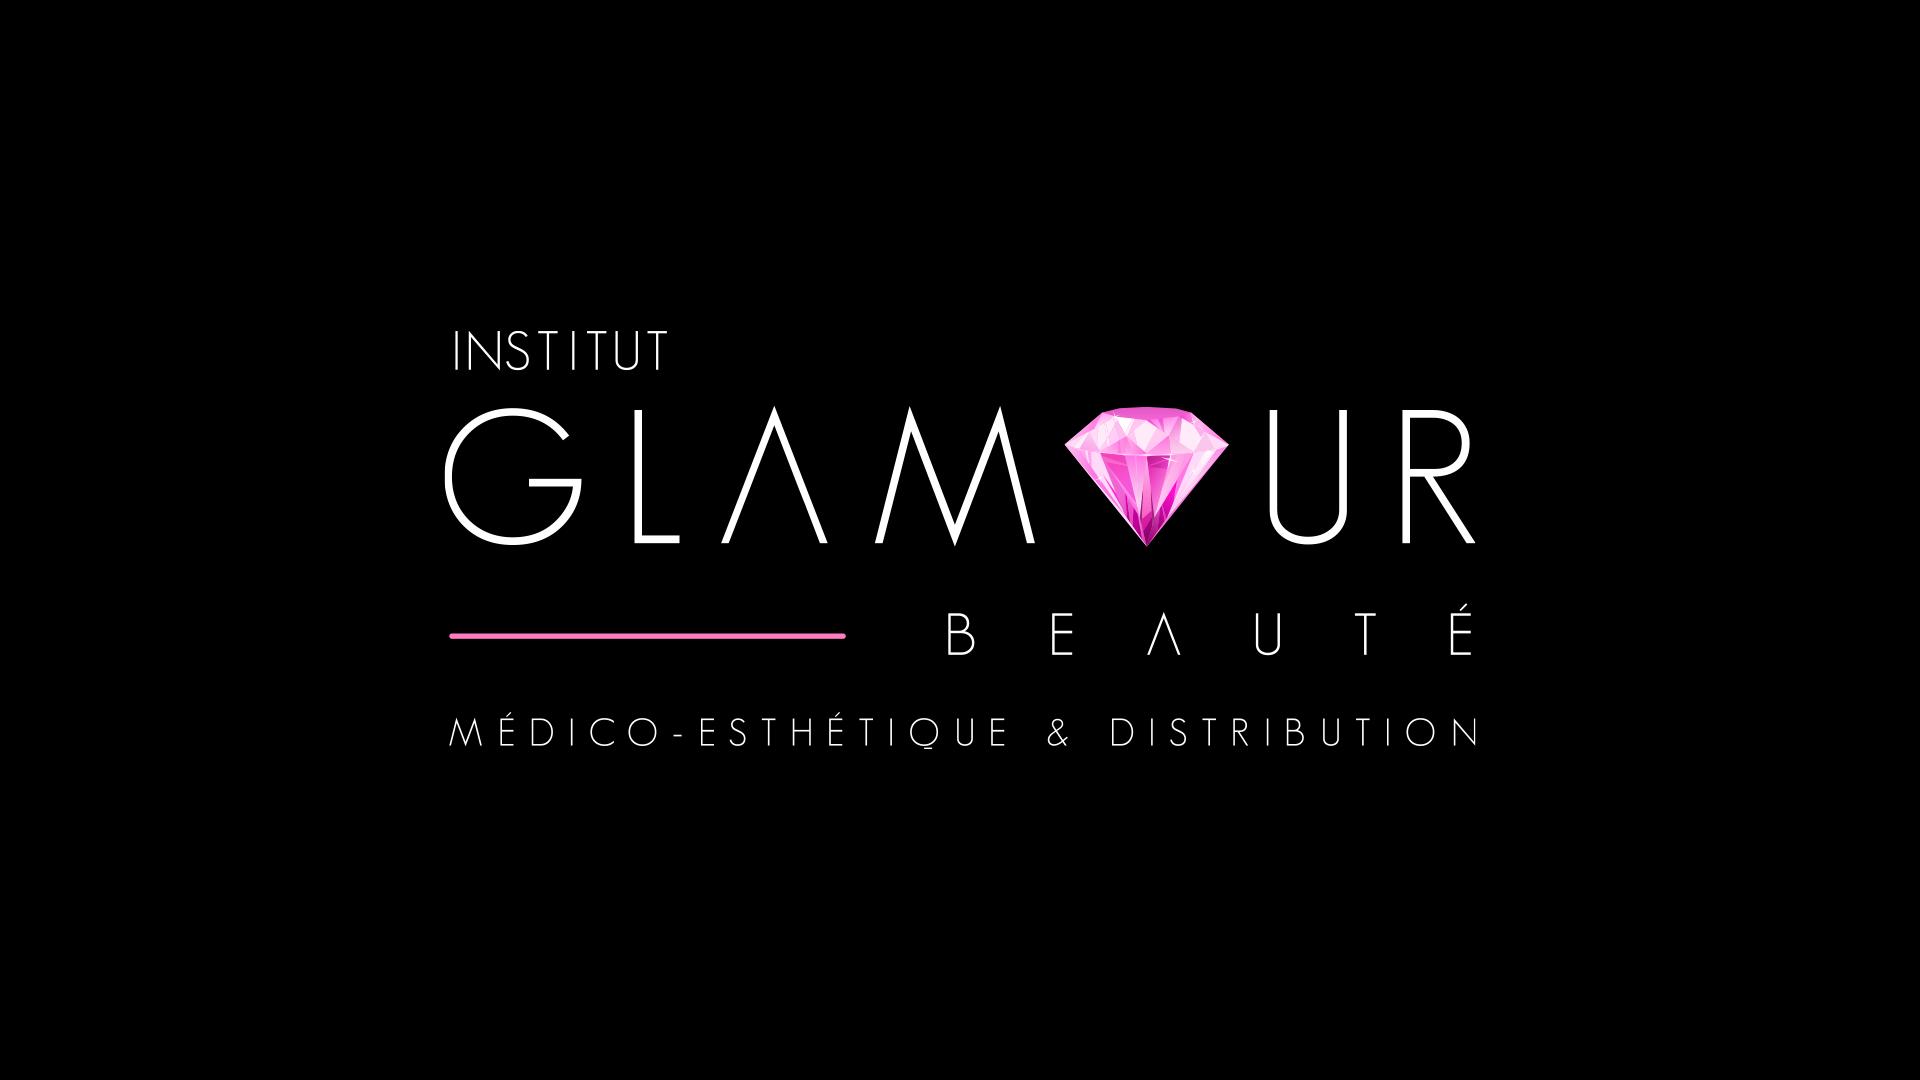 institut glamour beauté Esthétique & distribution inc.